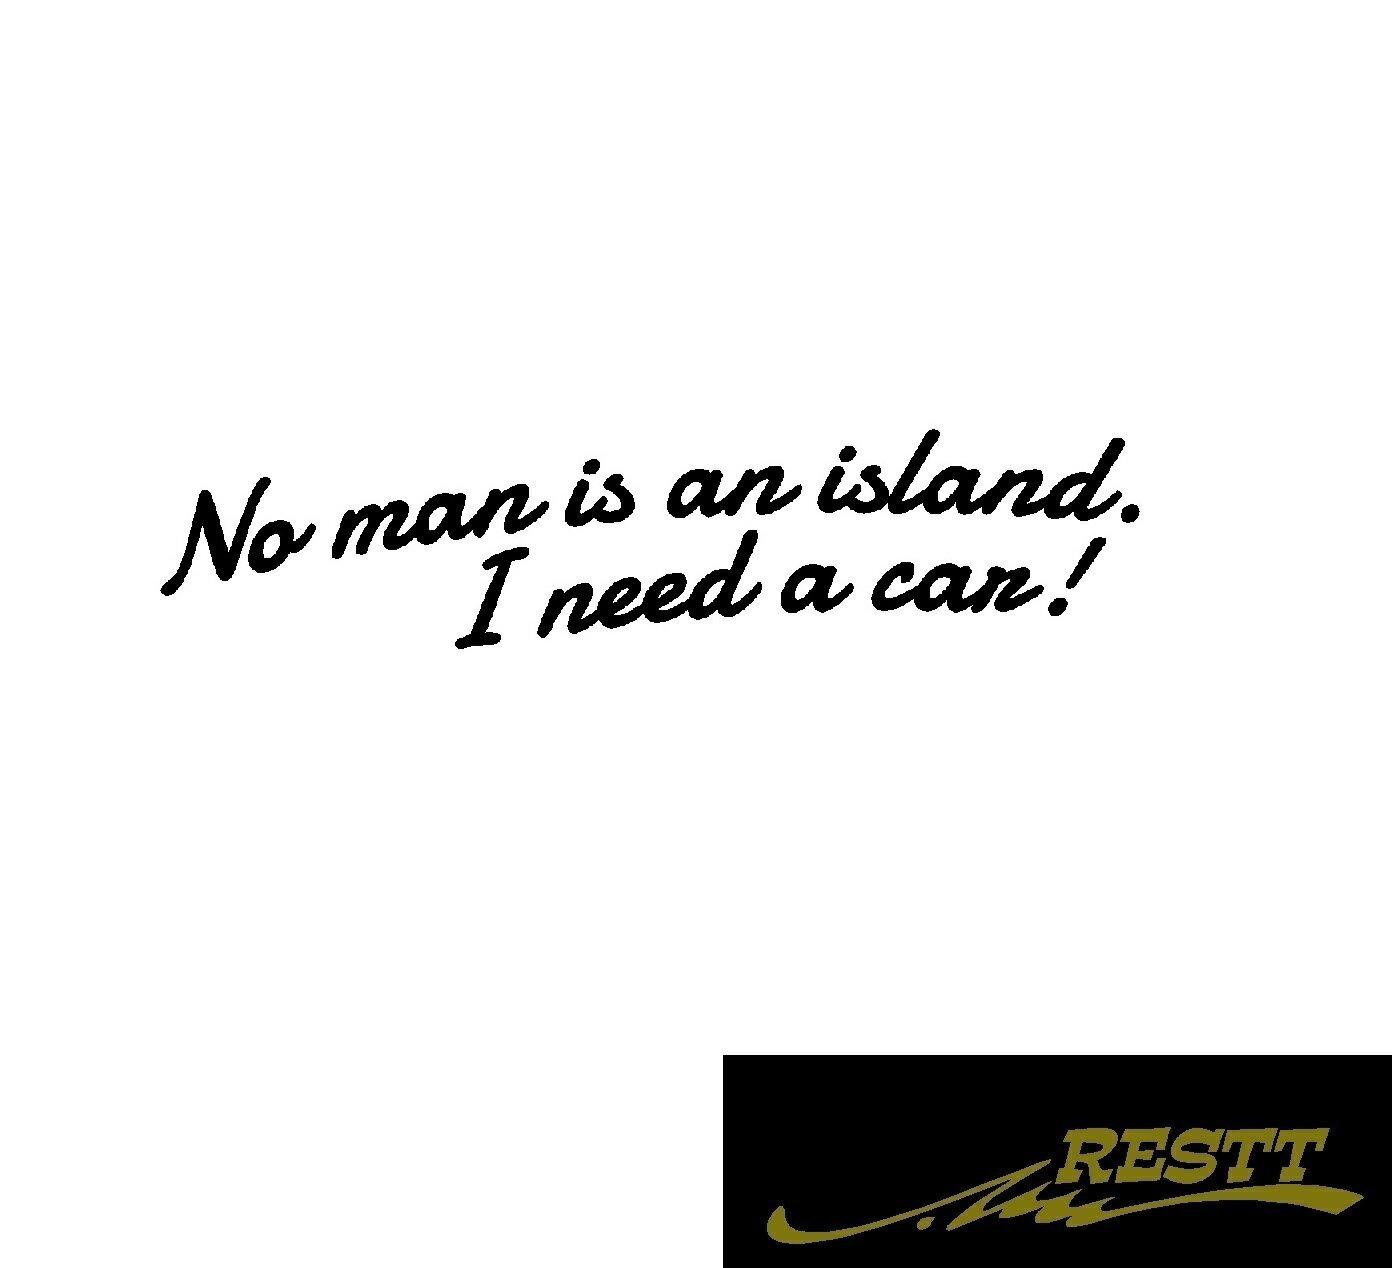 人は一人では生きていけない 車が必要です No man is an island. I need a car ロゴ カッティングステッカー 特大サイズ画像